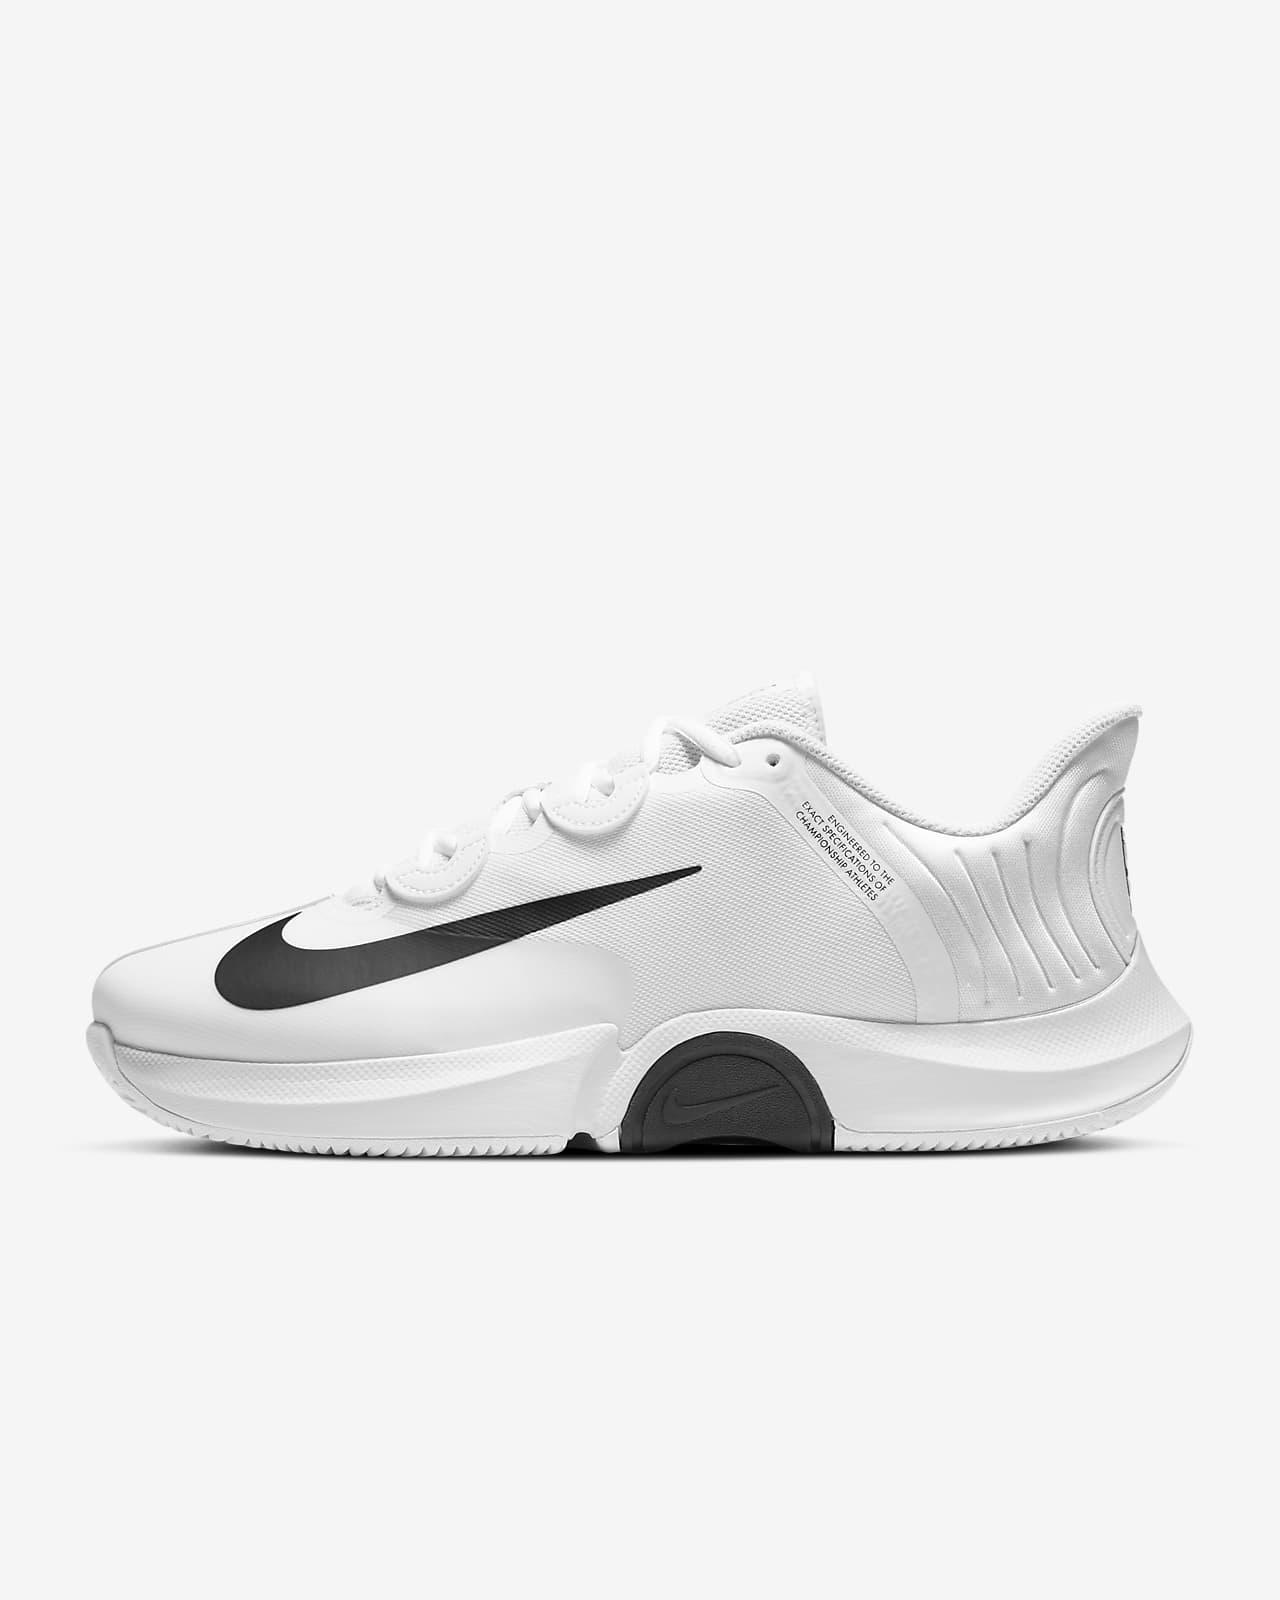 NikeCourt Air Zoom GP Turbo tennissko til hardcourt til herre